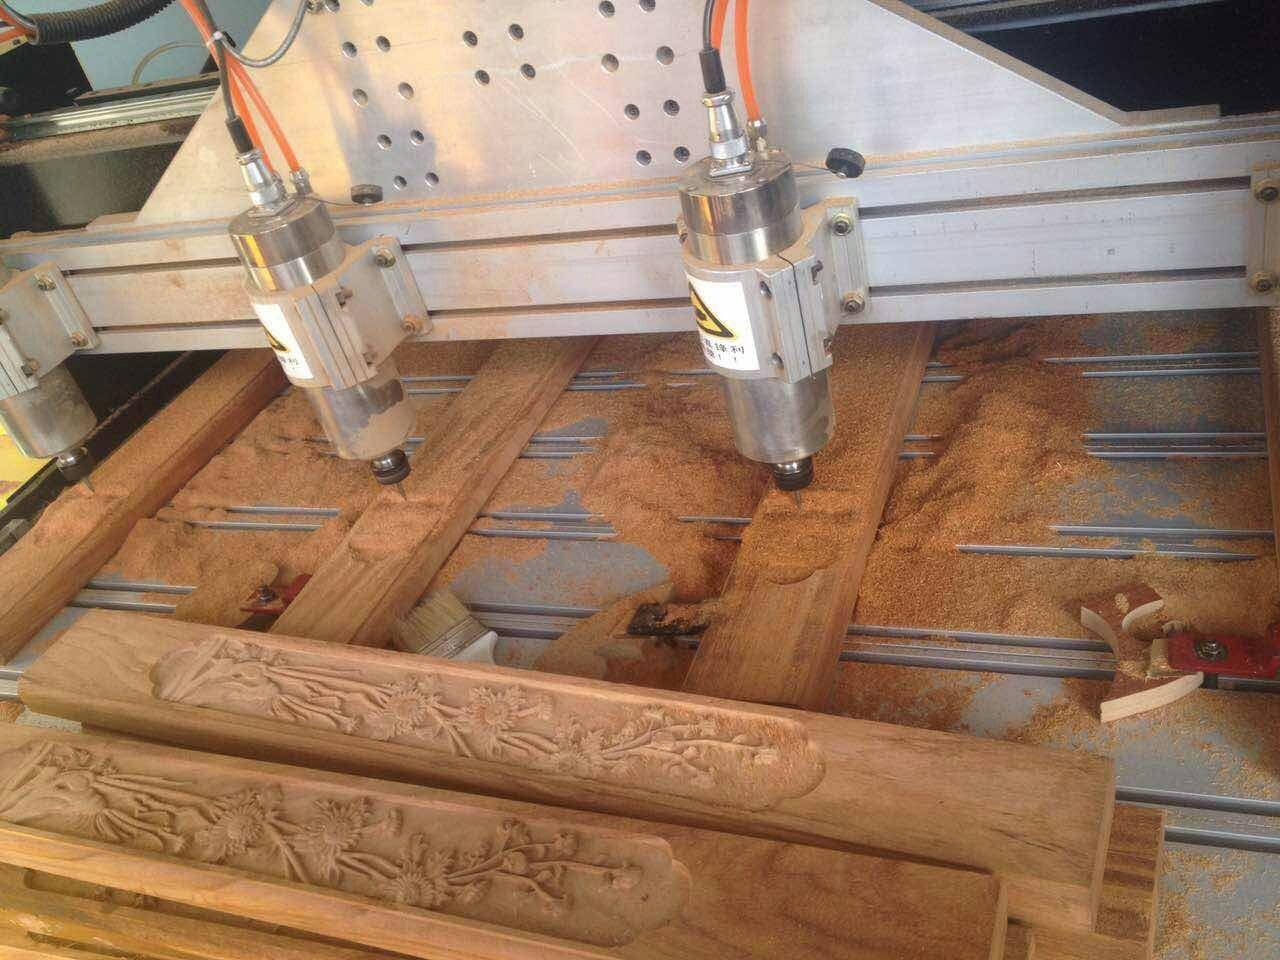 Tư vấn chọn mua máy gia công gỗ 3D - Ảnh 1